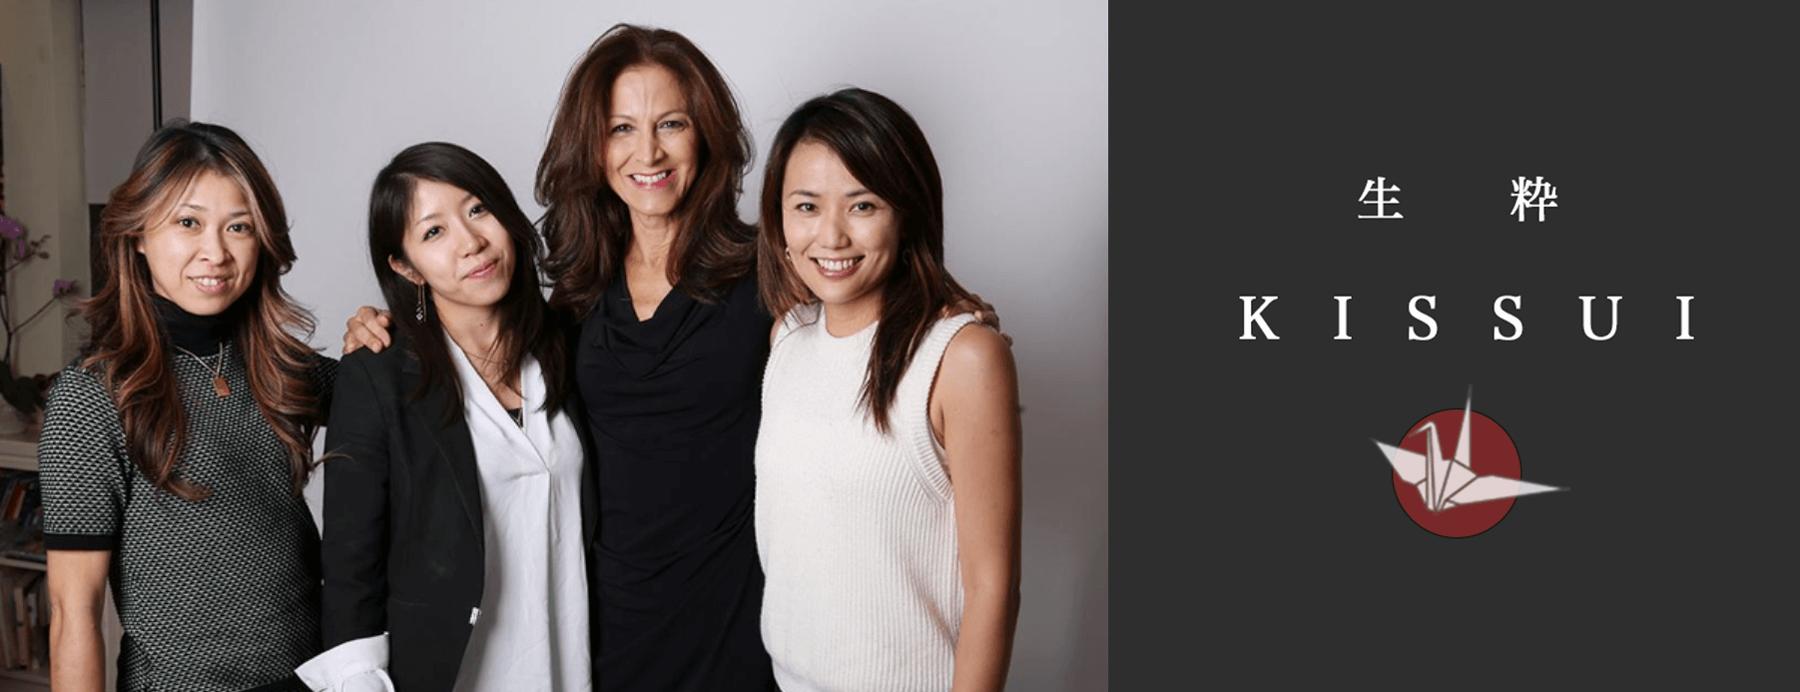 日本人の感性で、女性の「最高の瞬間」を切りとるプロジェクト ー「KISSUI」との出会い